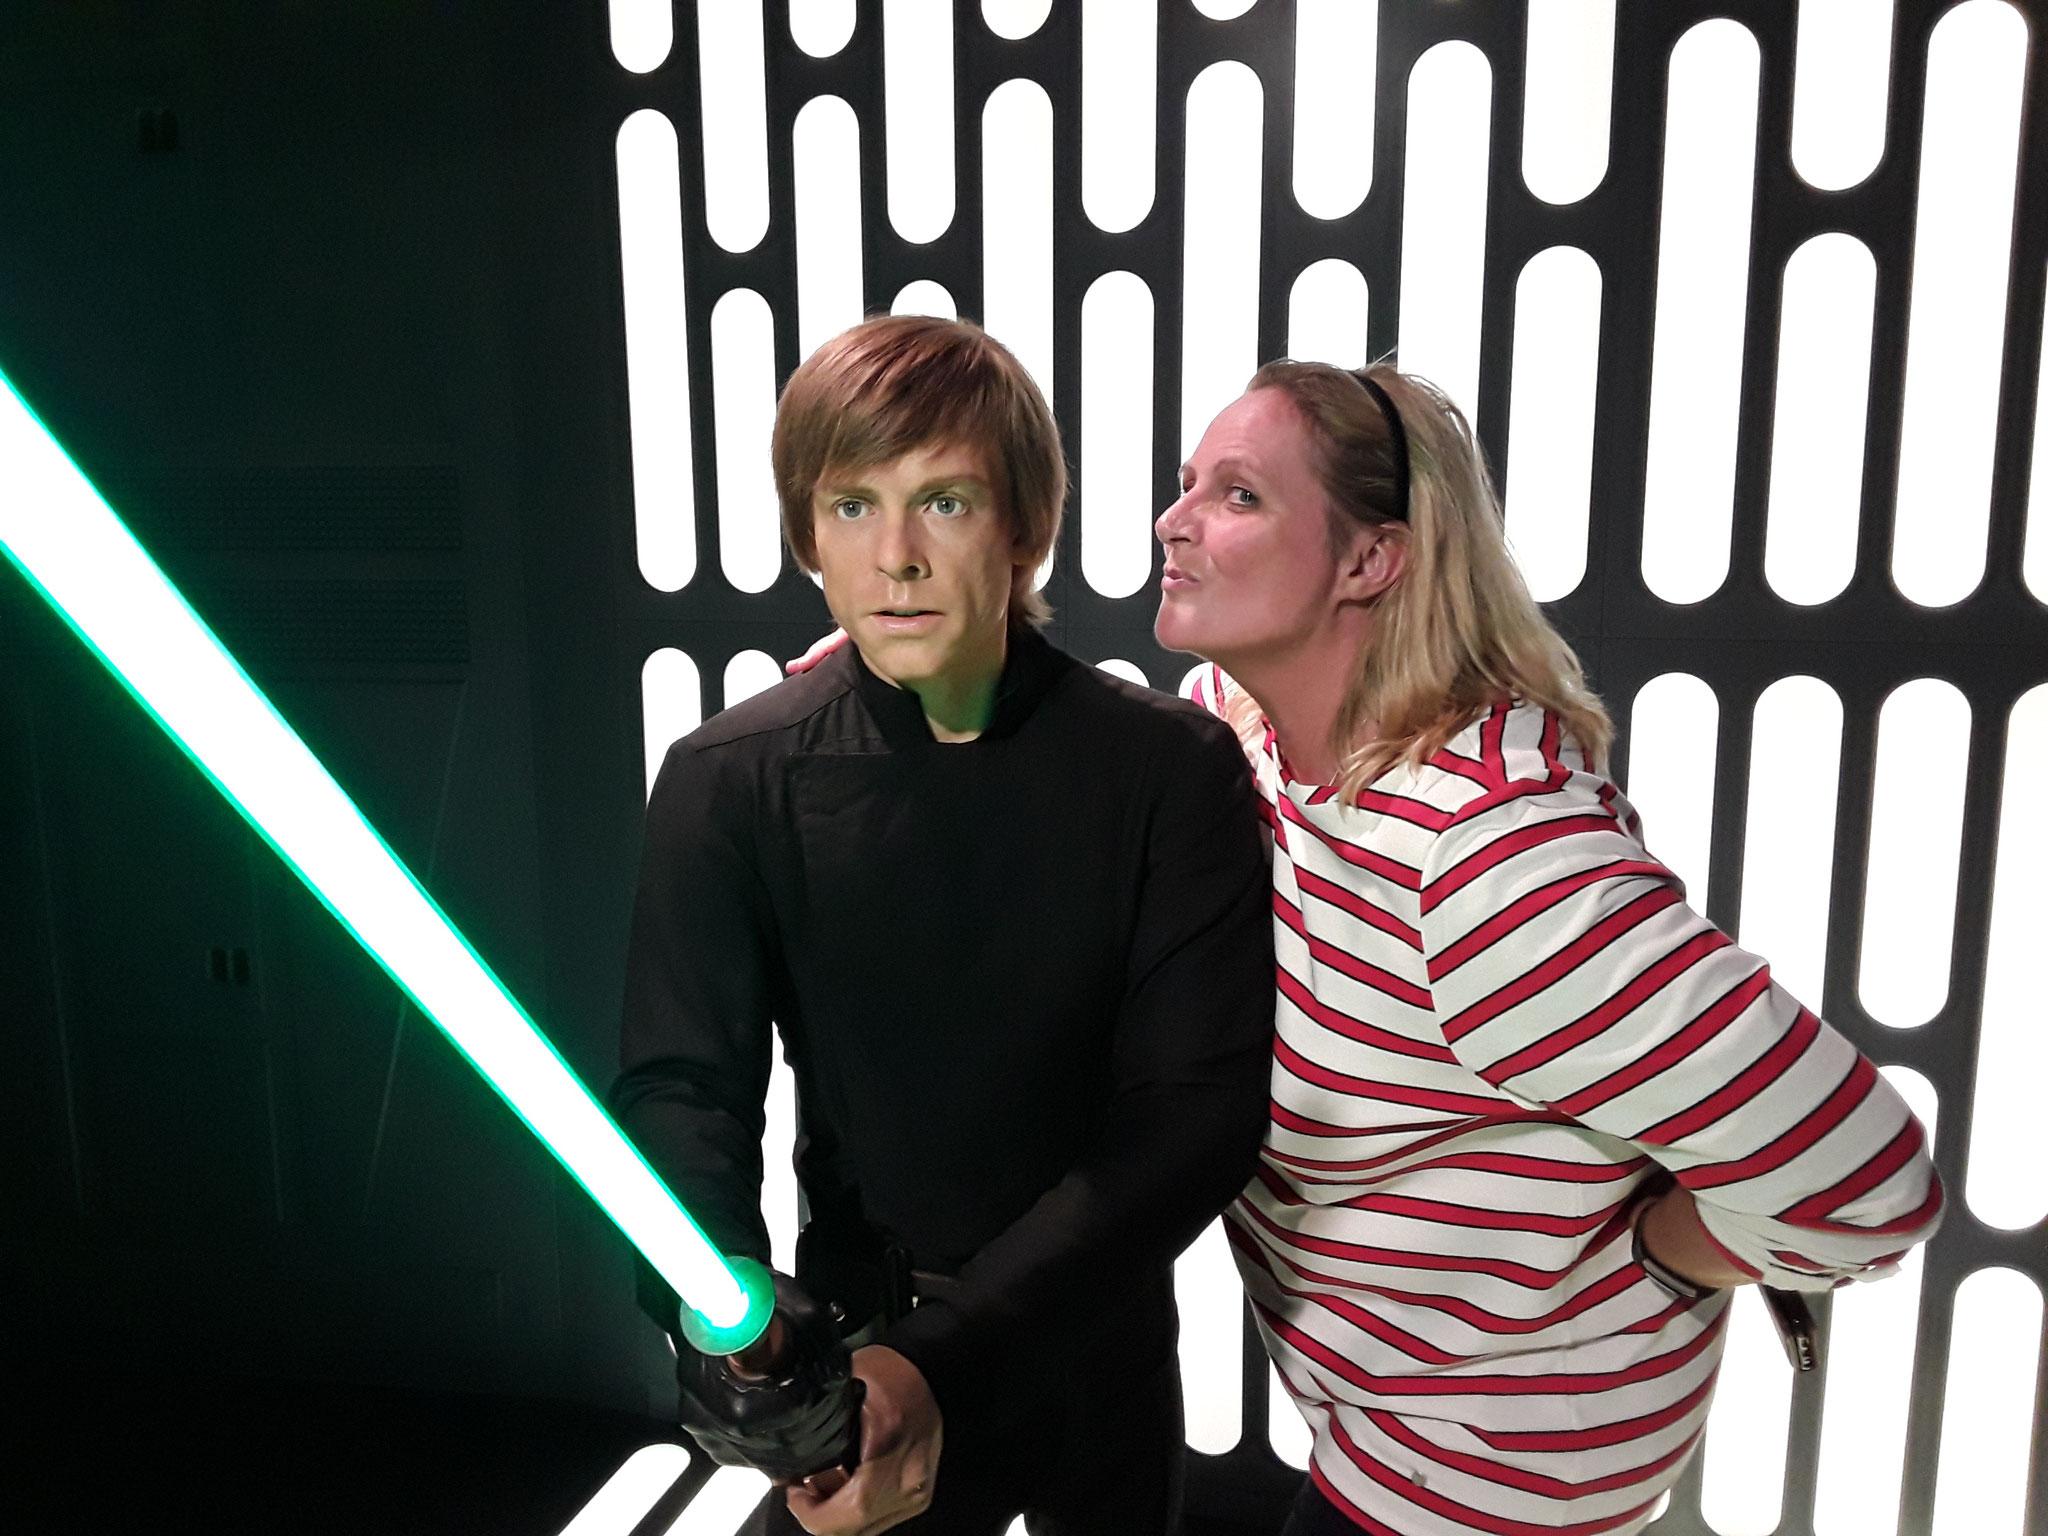 Vorsicht, Luke! Darth Vader kommt!